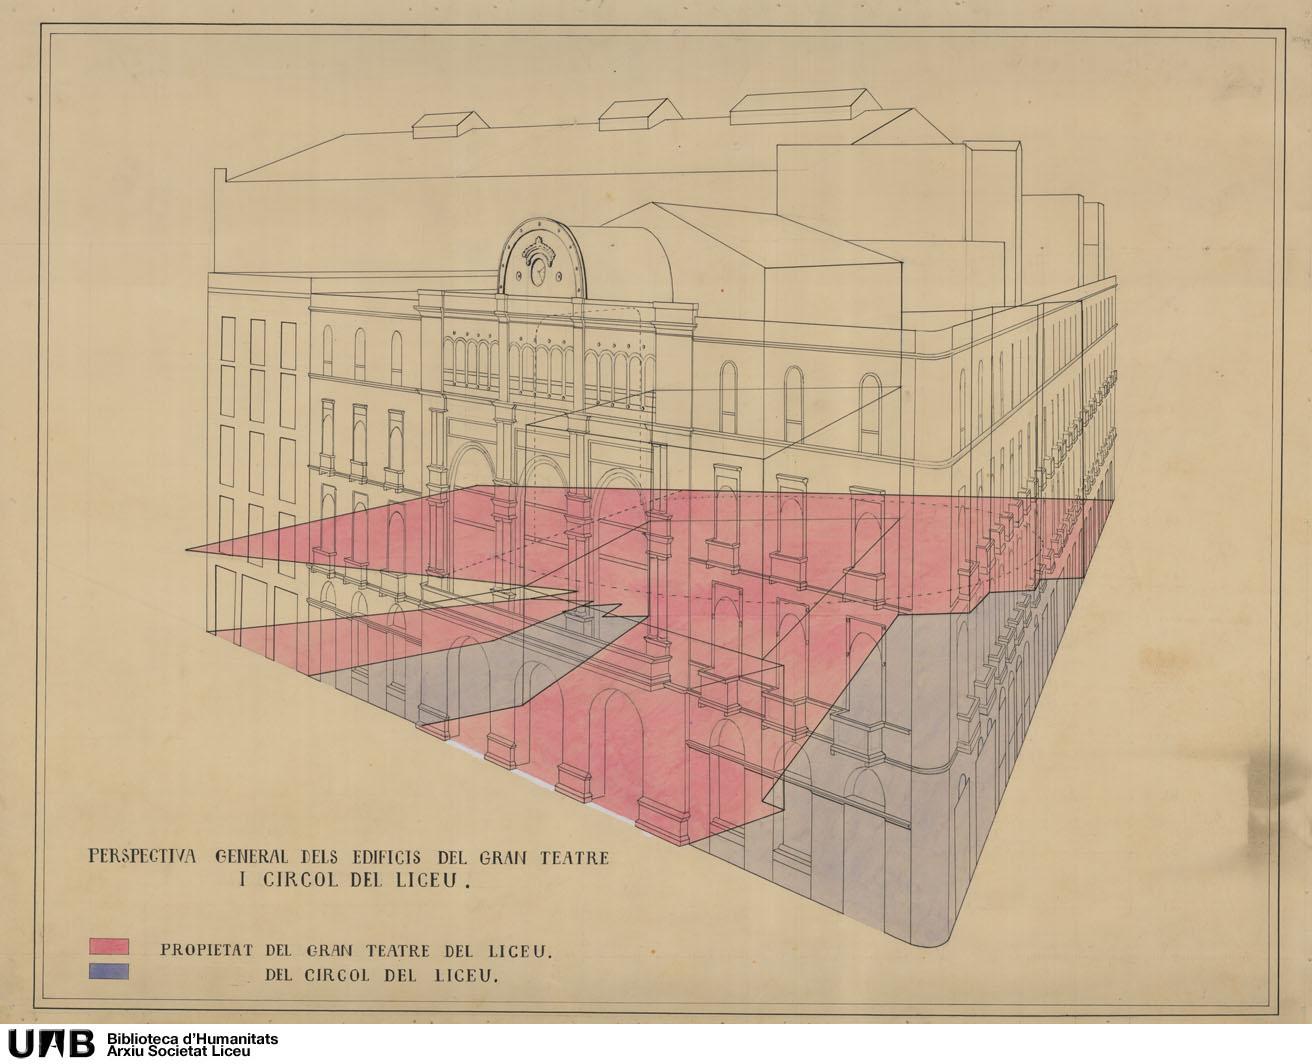 Perspectiva general dels edificis del Gran Teatre i Círcol del Liceu ; Edificis propietat del Círcol del Liceu